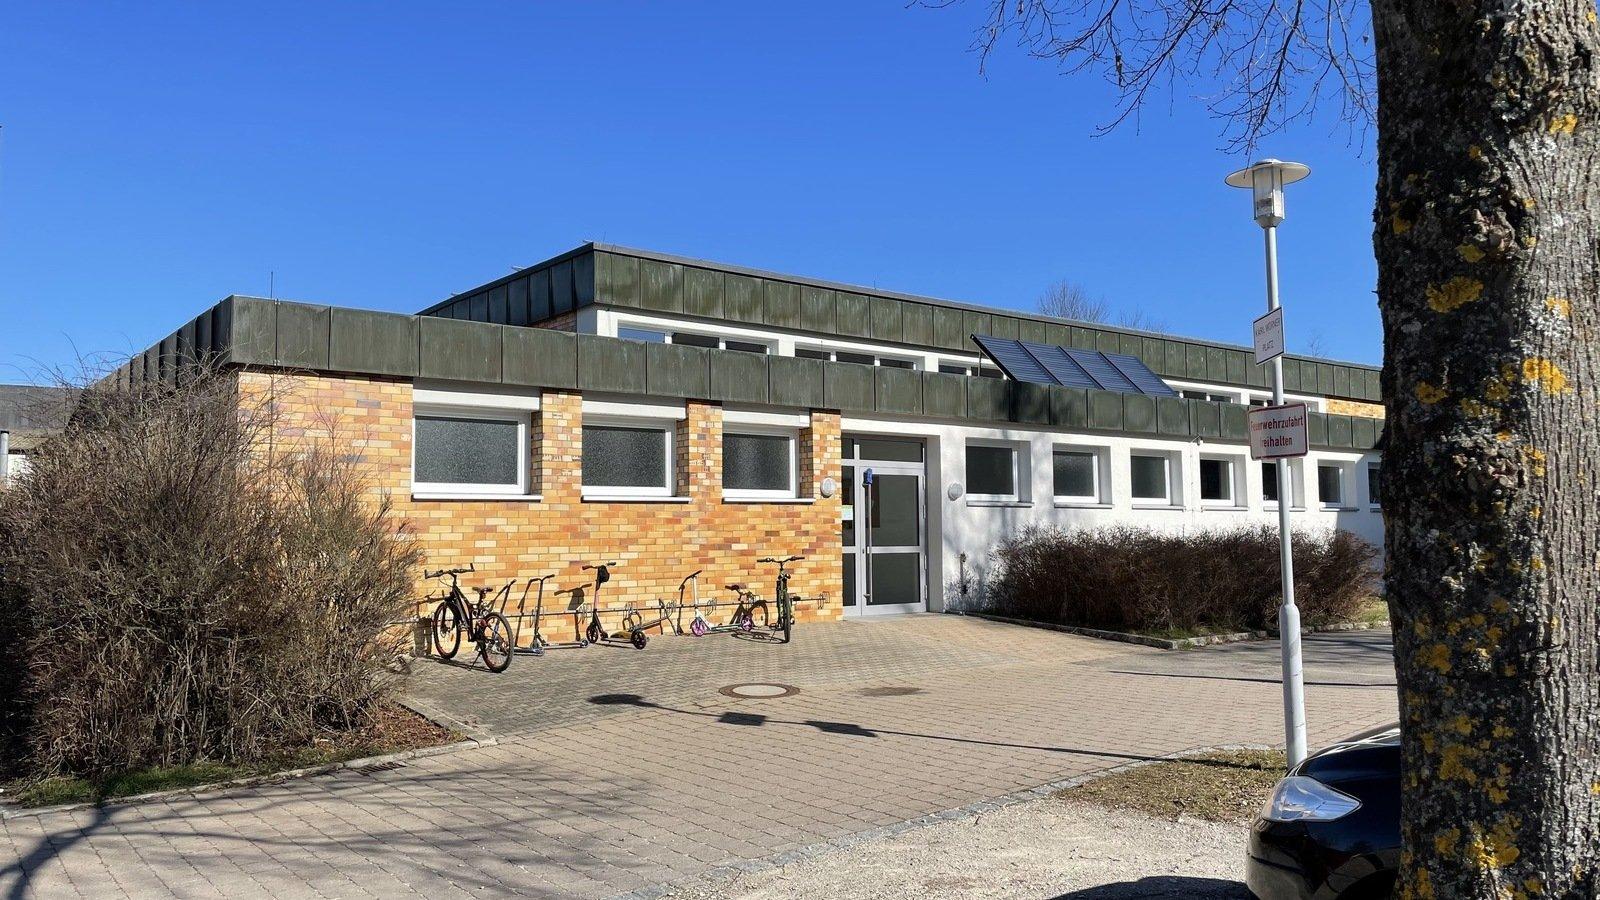 Ein großes Gebäude mit braunen Kacheln, vor dem Gebäude sind Fahrräder abgestellt